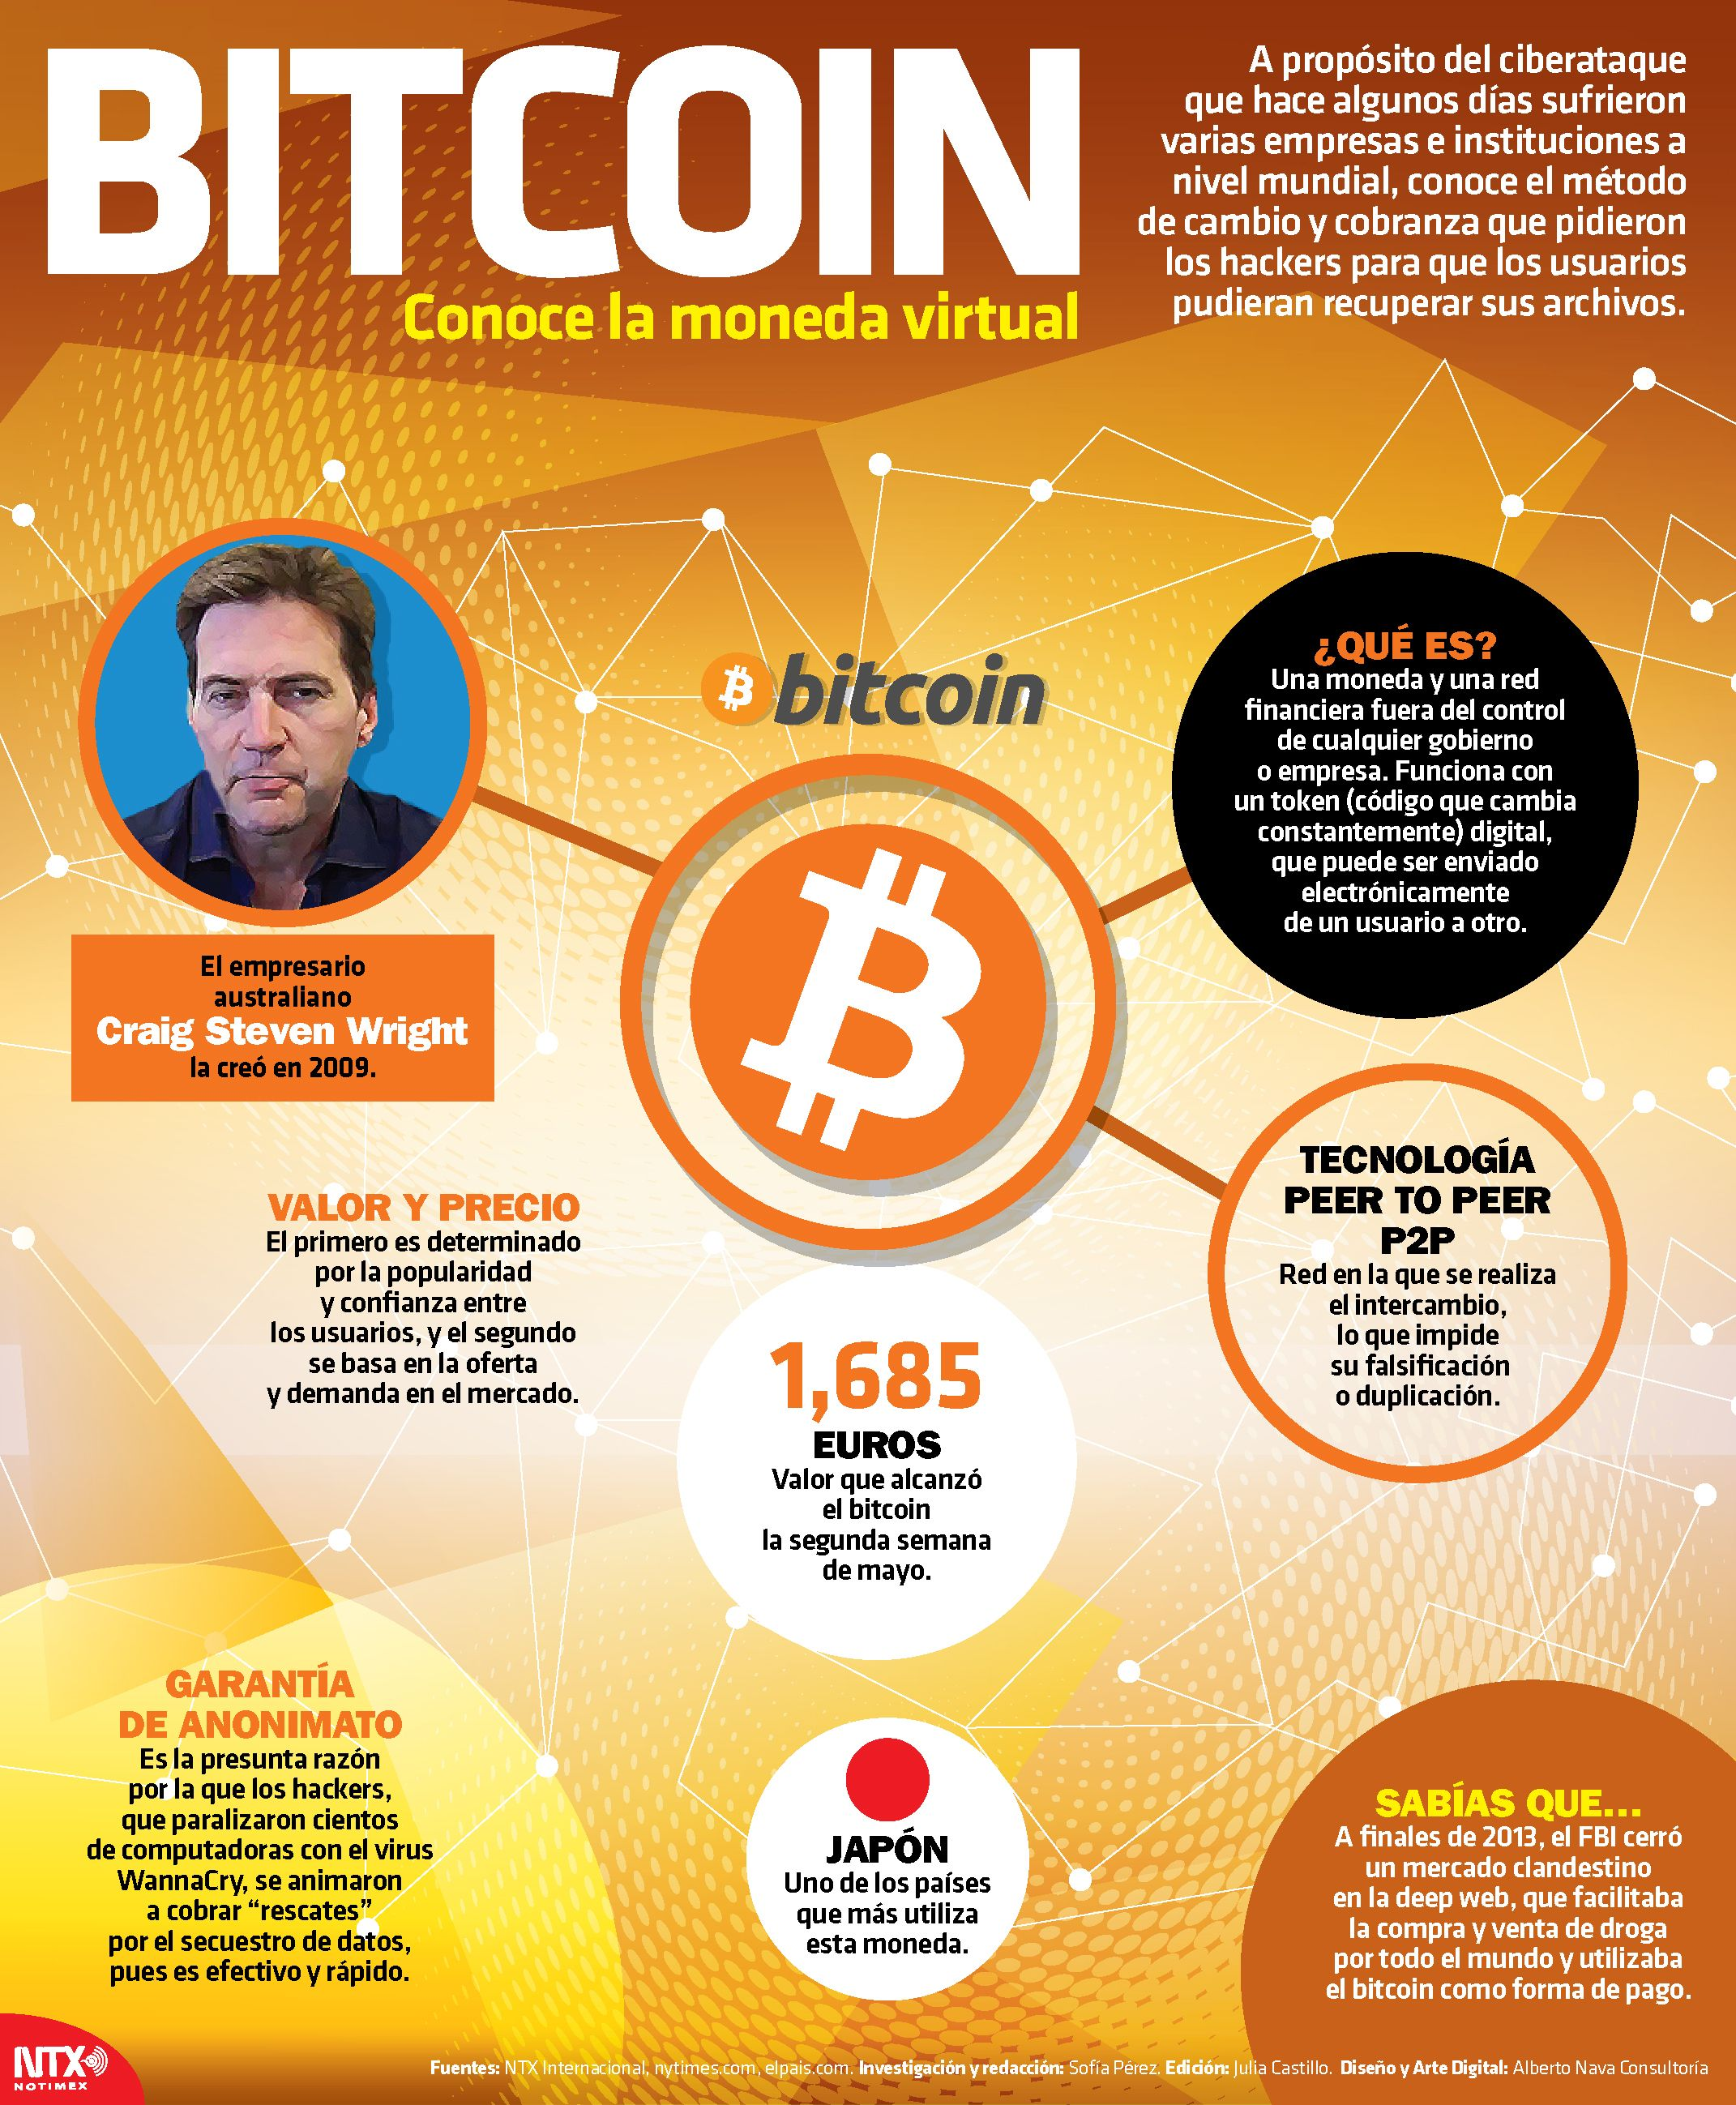 El Bitcoin es una moneda fuera del alcance de cualquier gobierno o empresa, ¿quieres saber c ...